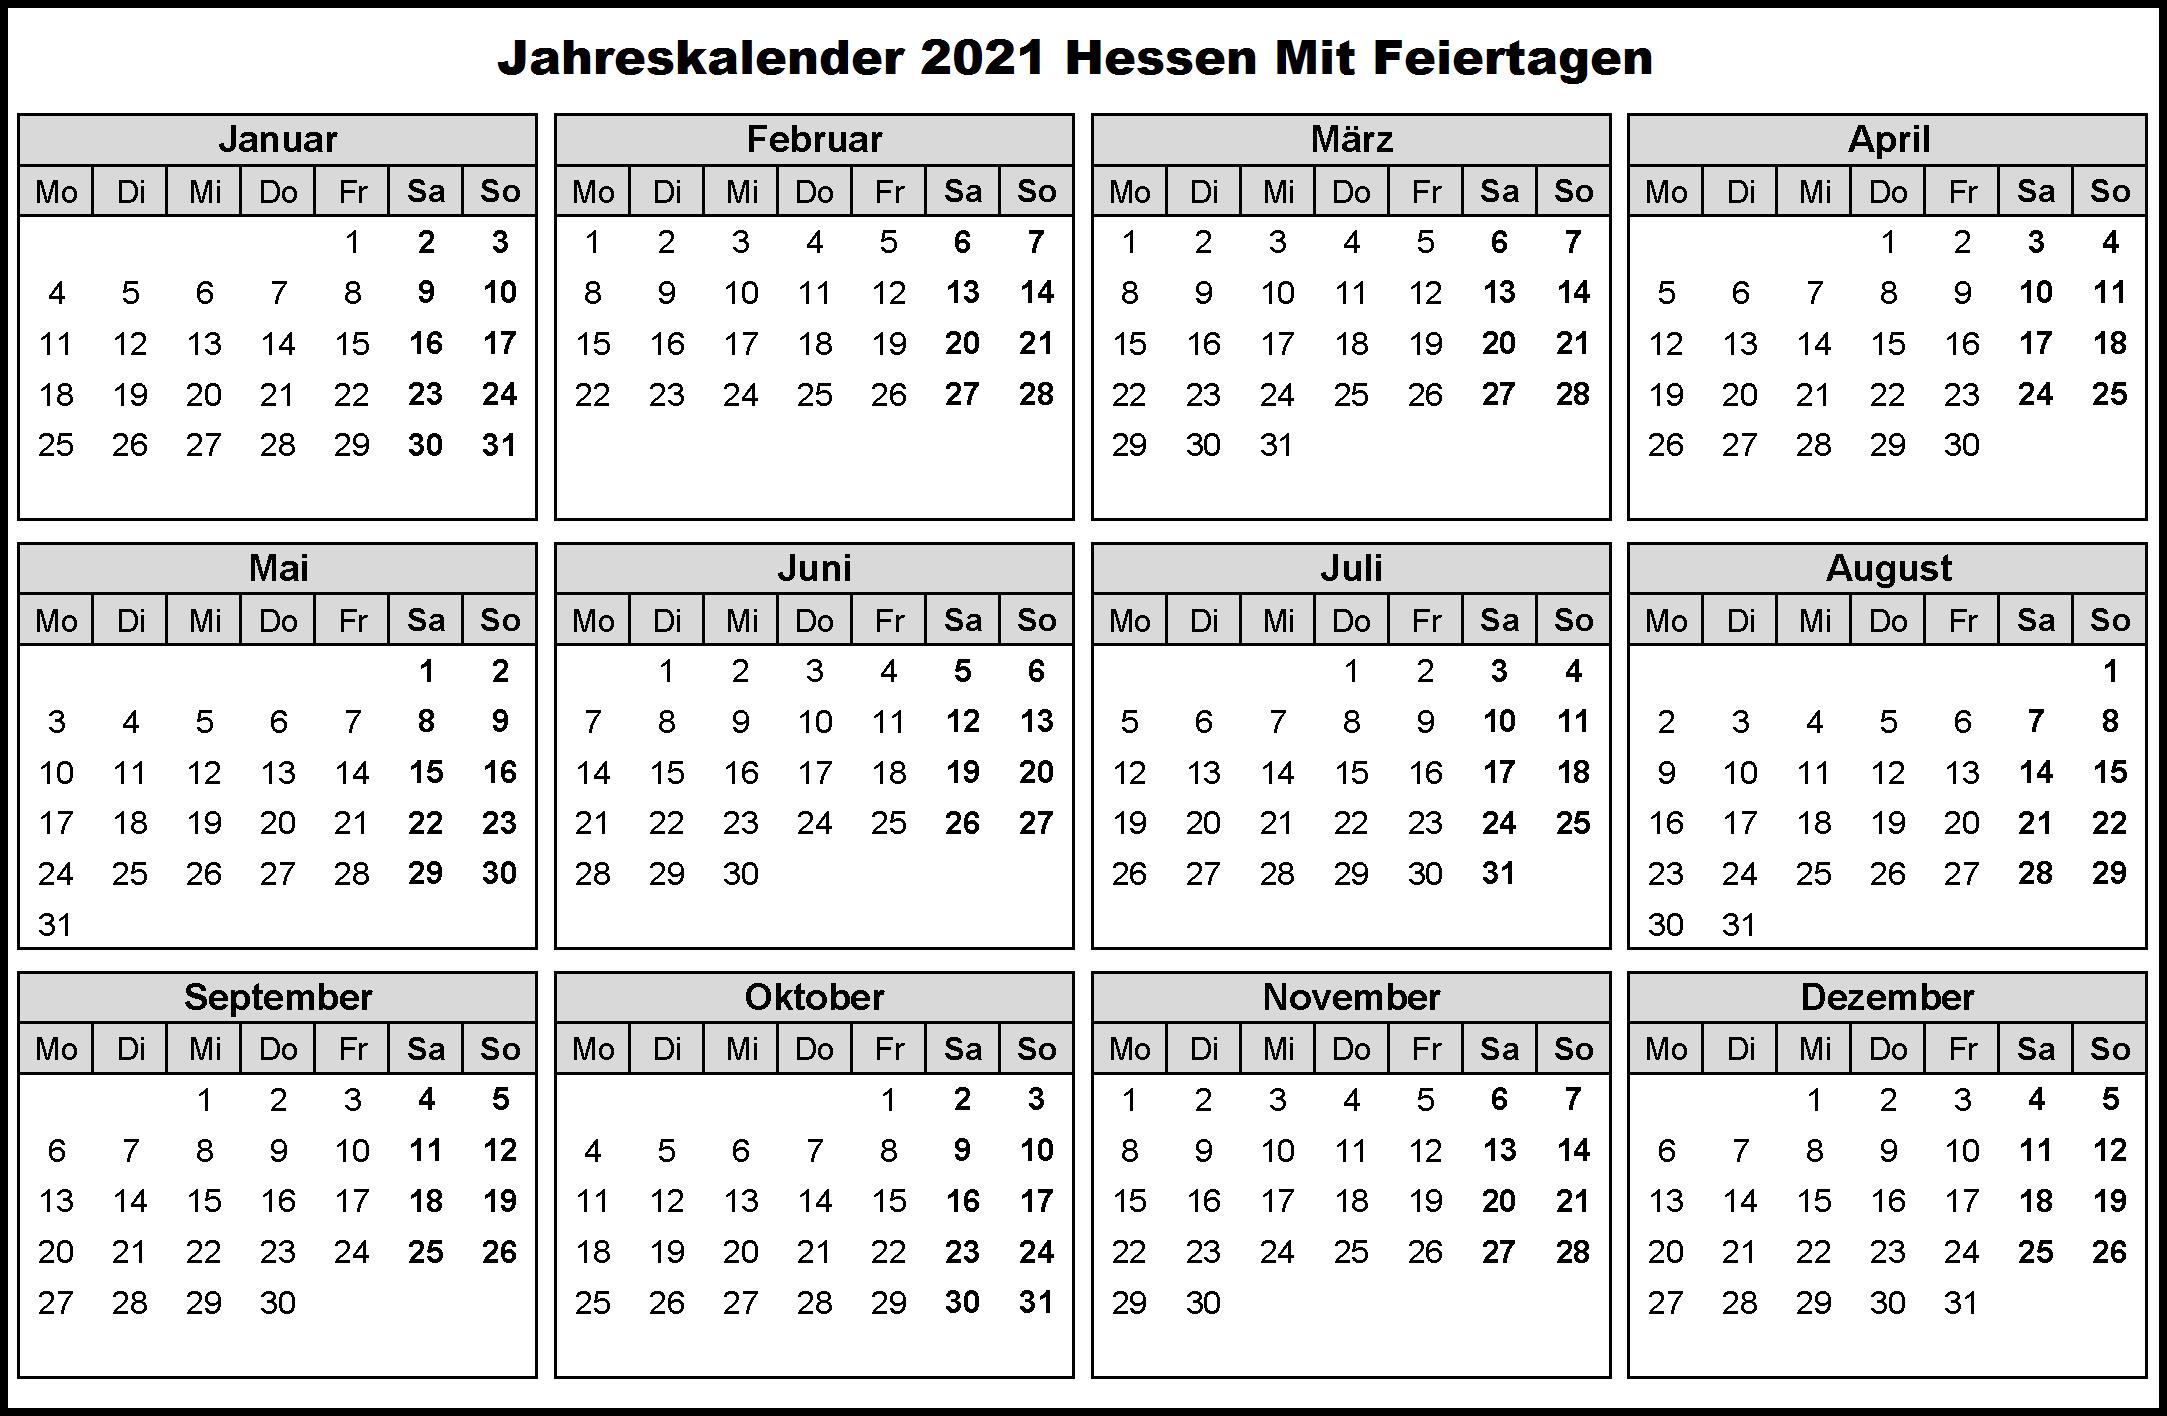 Jahreskalender 2021 Zum Ausdrucken Kostenlos-Kalender 2021 Planer Zum Ausdrucken